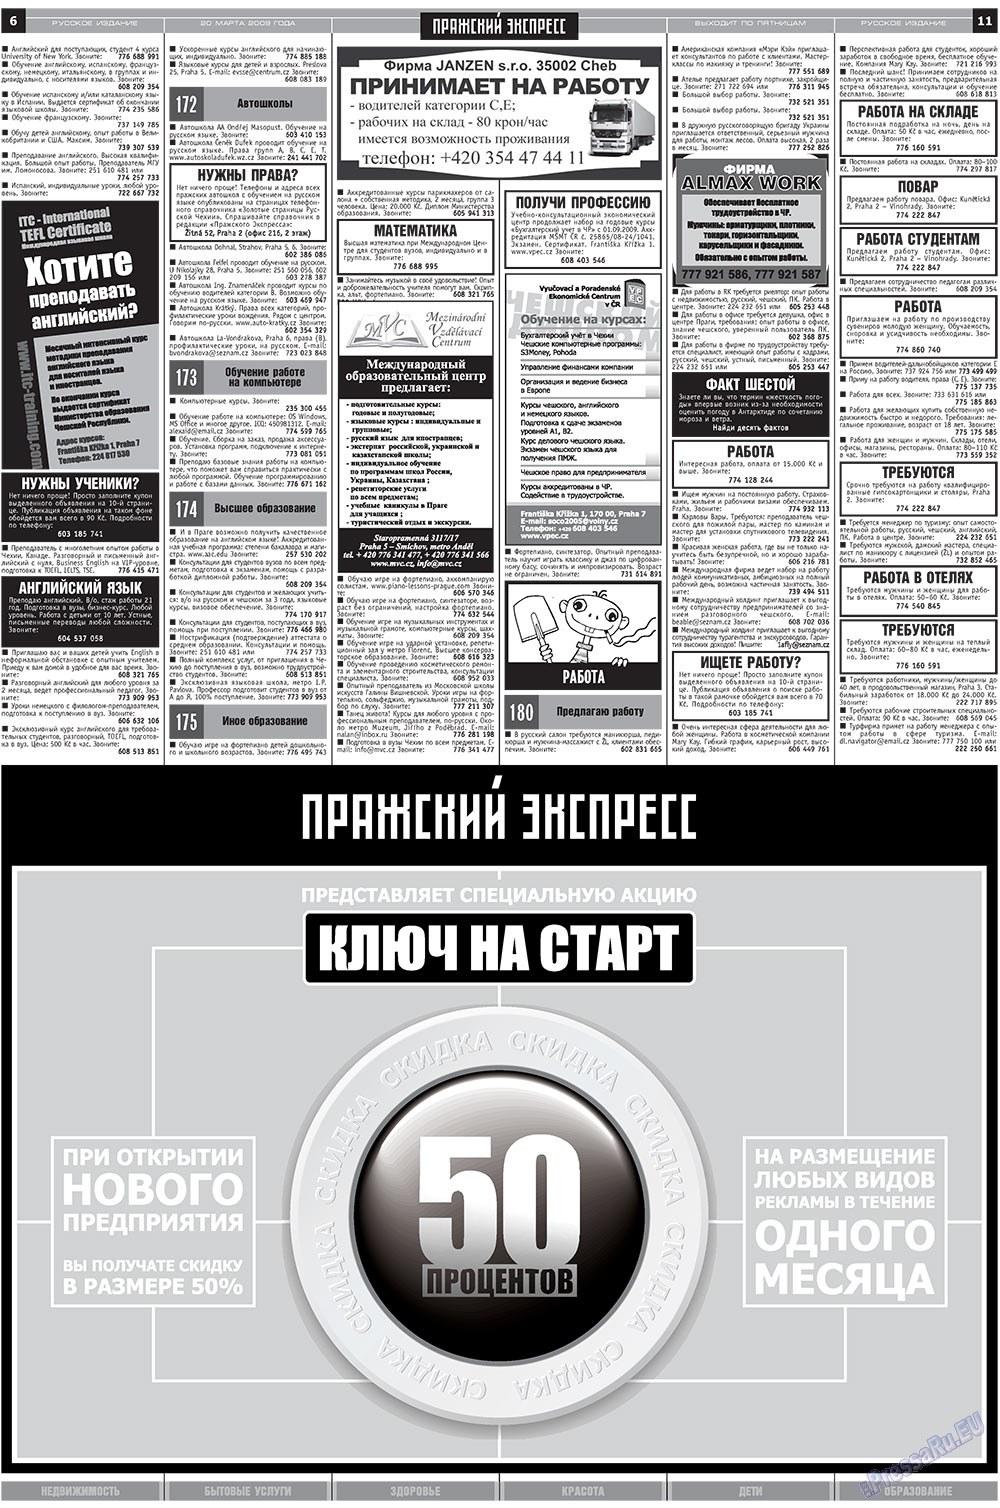 Пражский экспресс (газета). 2009 год, номер 11, стр. 6